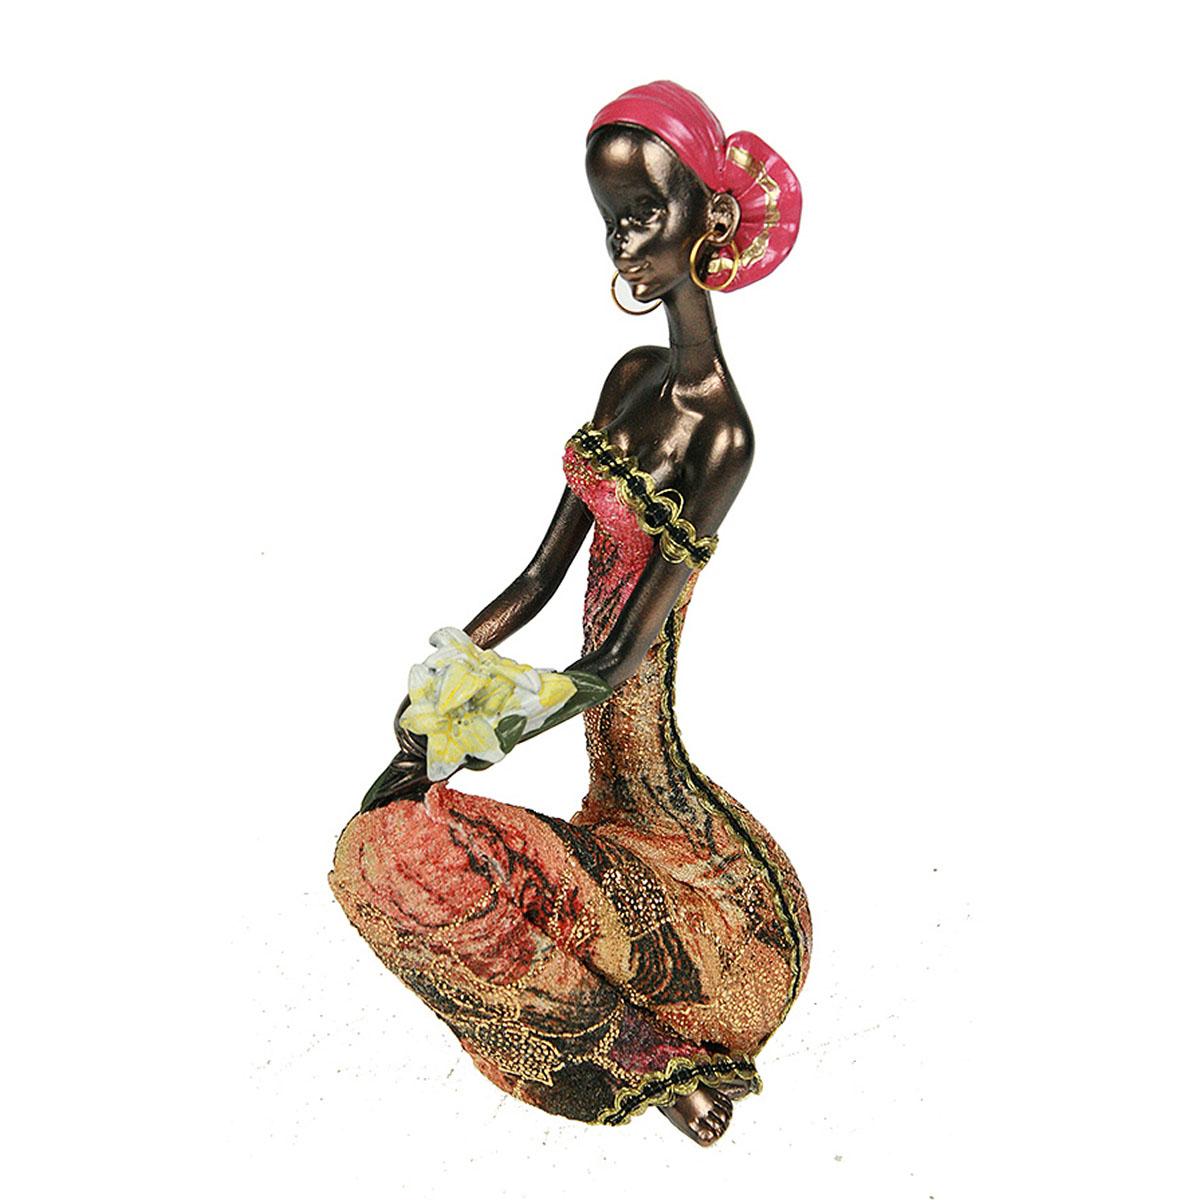 Статуэтка Русские Подарки Африканка, 7 х 9 х 18 смMARTINEZ 75032-1W ANTIQUEСтатуэтка Русские Подарки Африканка, изготовленная из полистоуна, имеет изысканный внешний вид. Изделие станет прекрасным украшением интерьера гостиной, офиса или дома. Вы можете поставить статуэтку в любое место, где она будет удачно смотреться и радовать глаз. Правила ухода: регулярно вытирать пыль сухой, мягкой тканью.